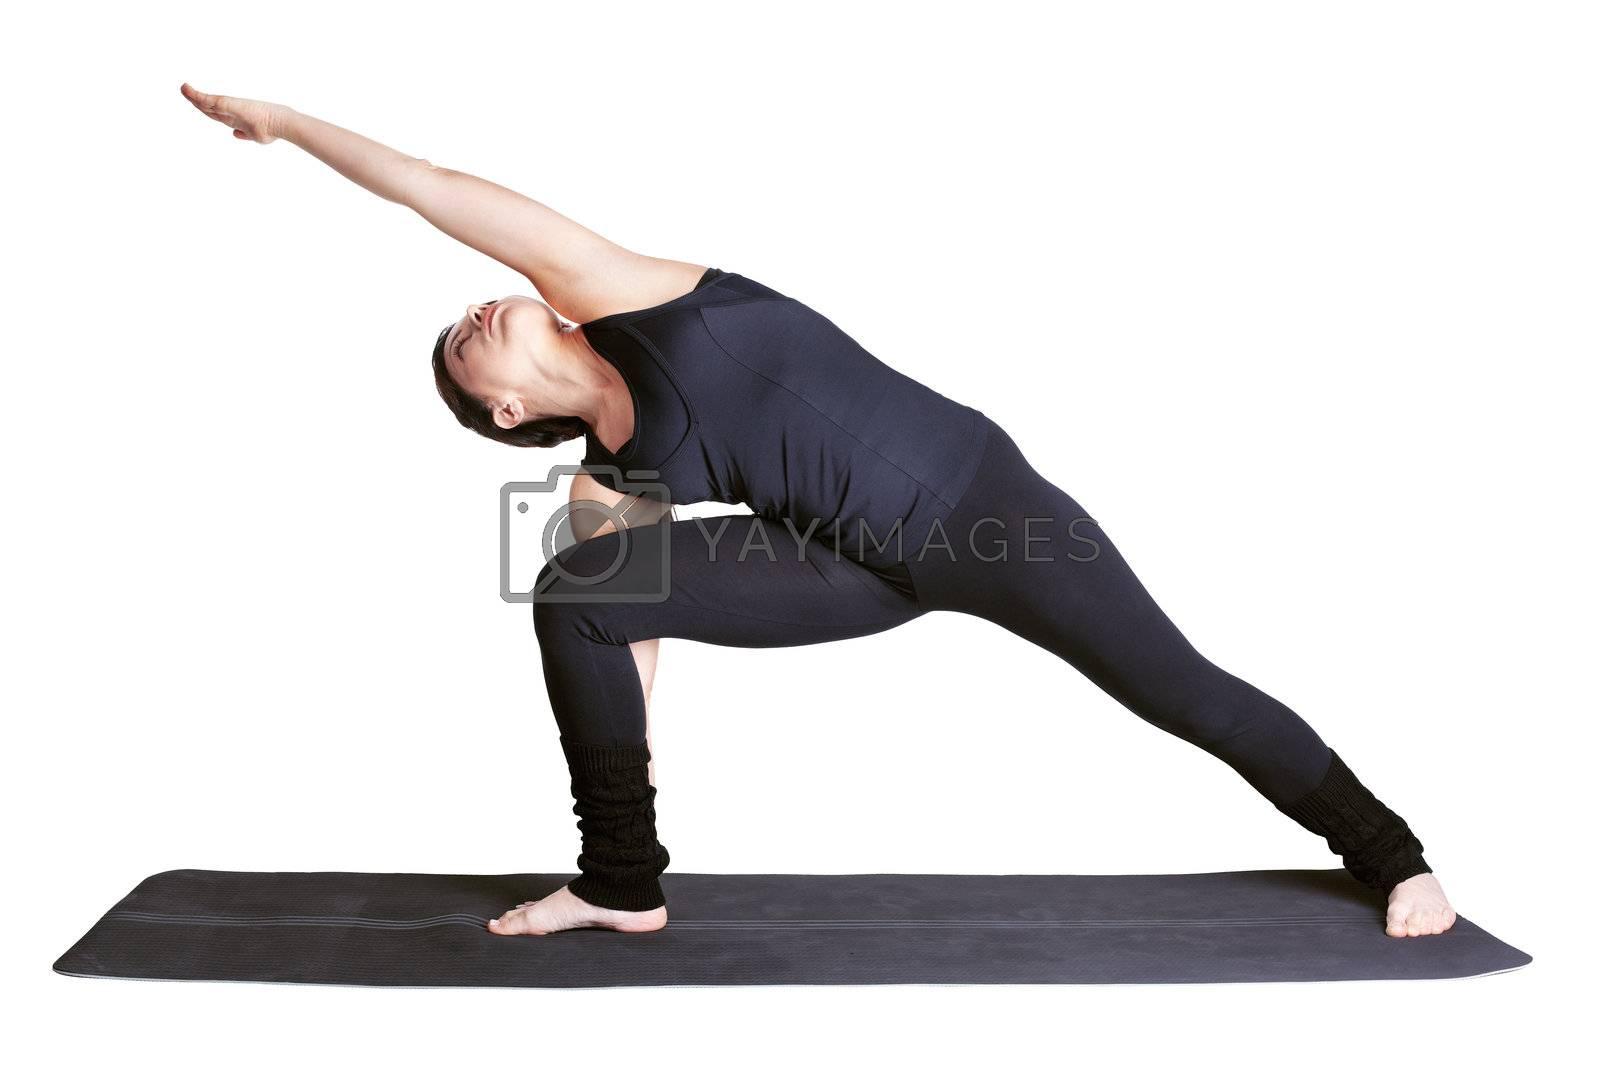 full-length portrait of beautiful woman working out yoga exercise side angle pose utthita parshvakonasana on fitness mat